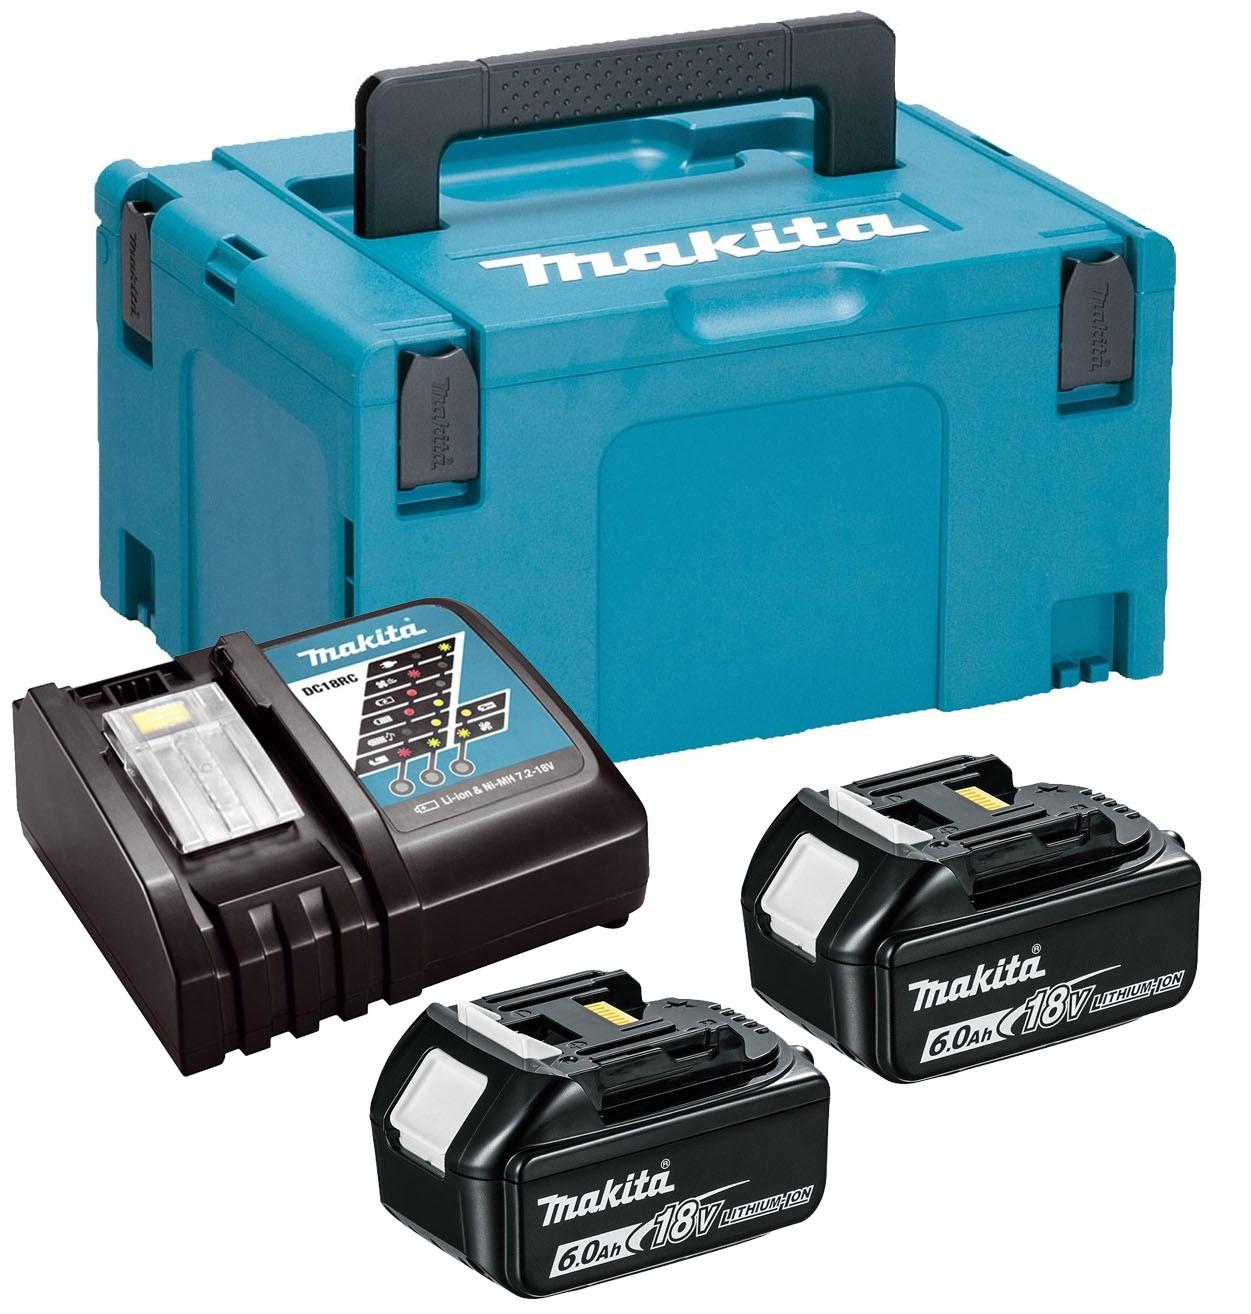 Origine Makita 2 x 4.0Ah Batterie Li-Ion avec étoile et Twin Chargeur Kit